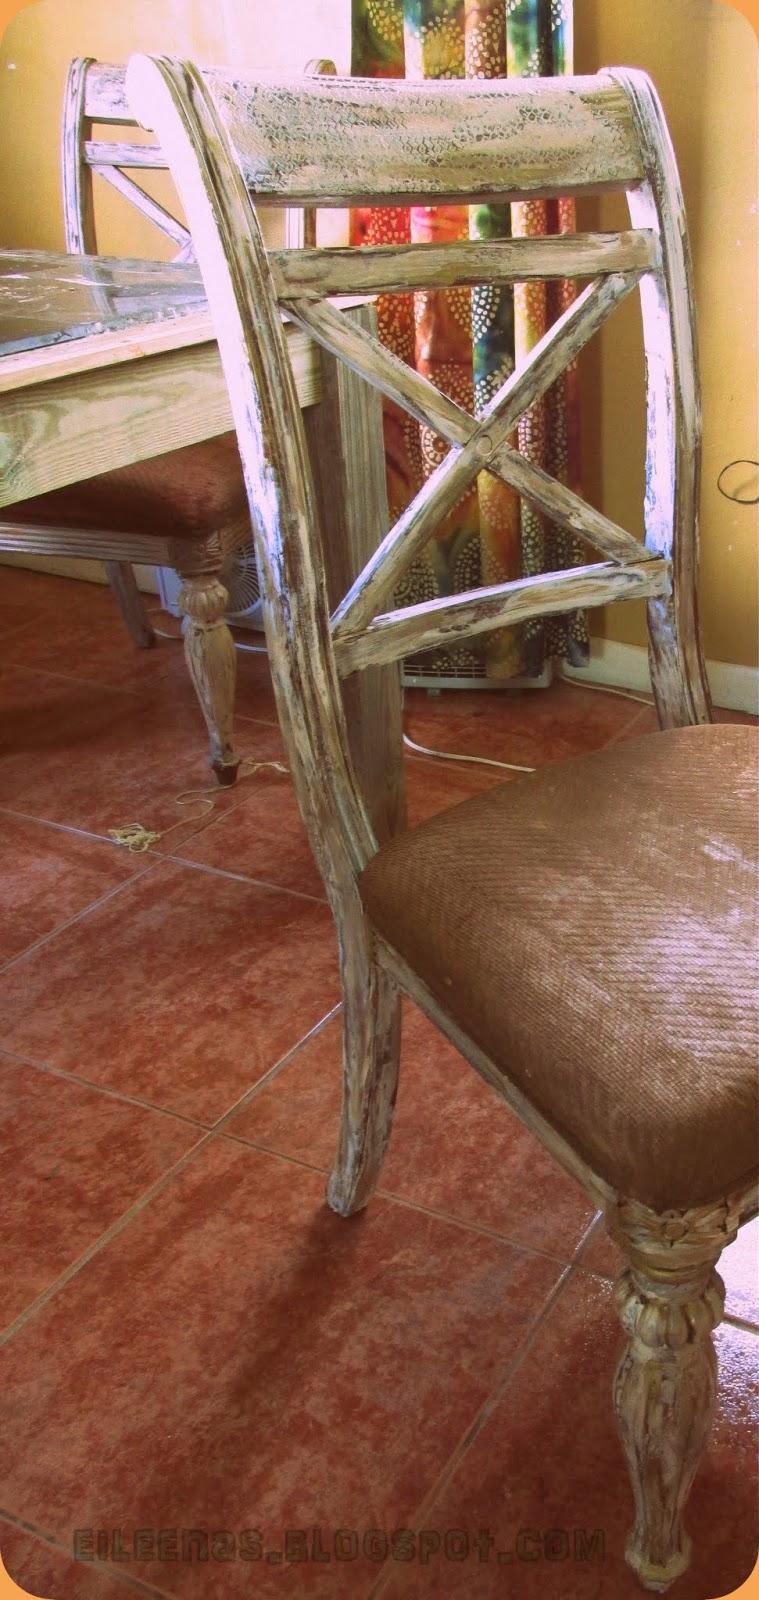 Eileenas.blogspot.com